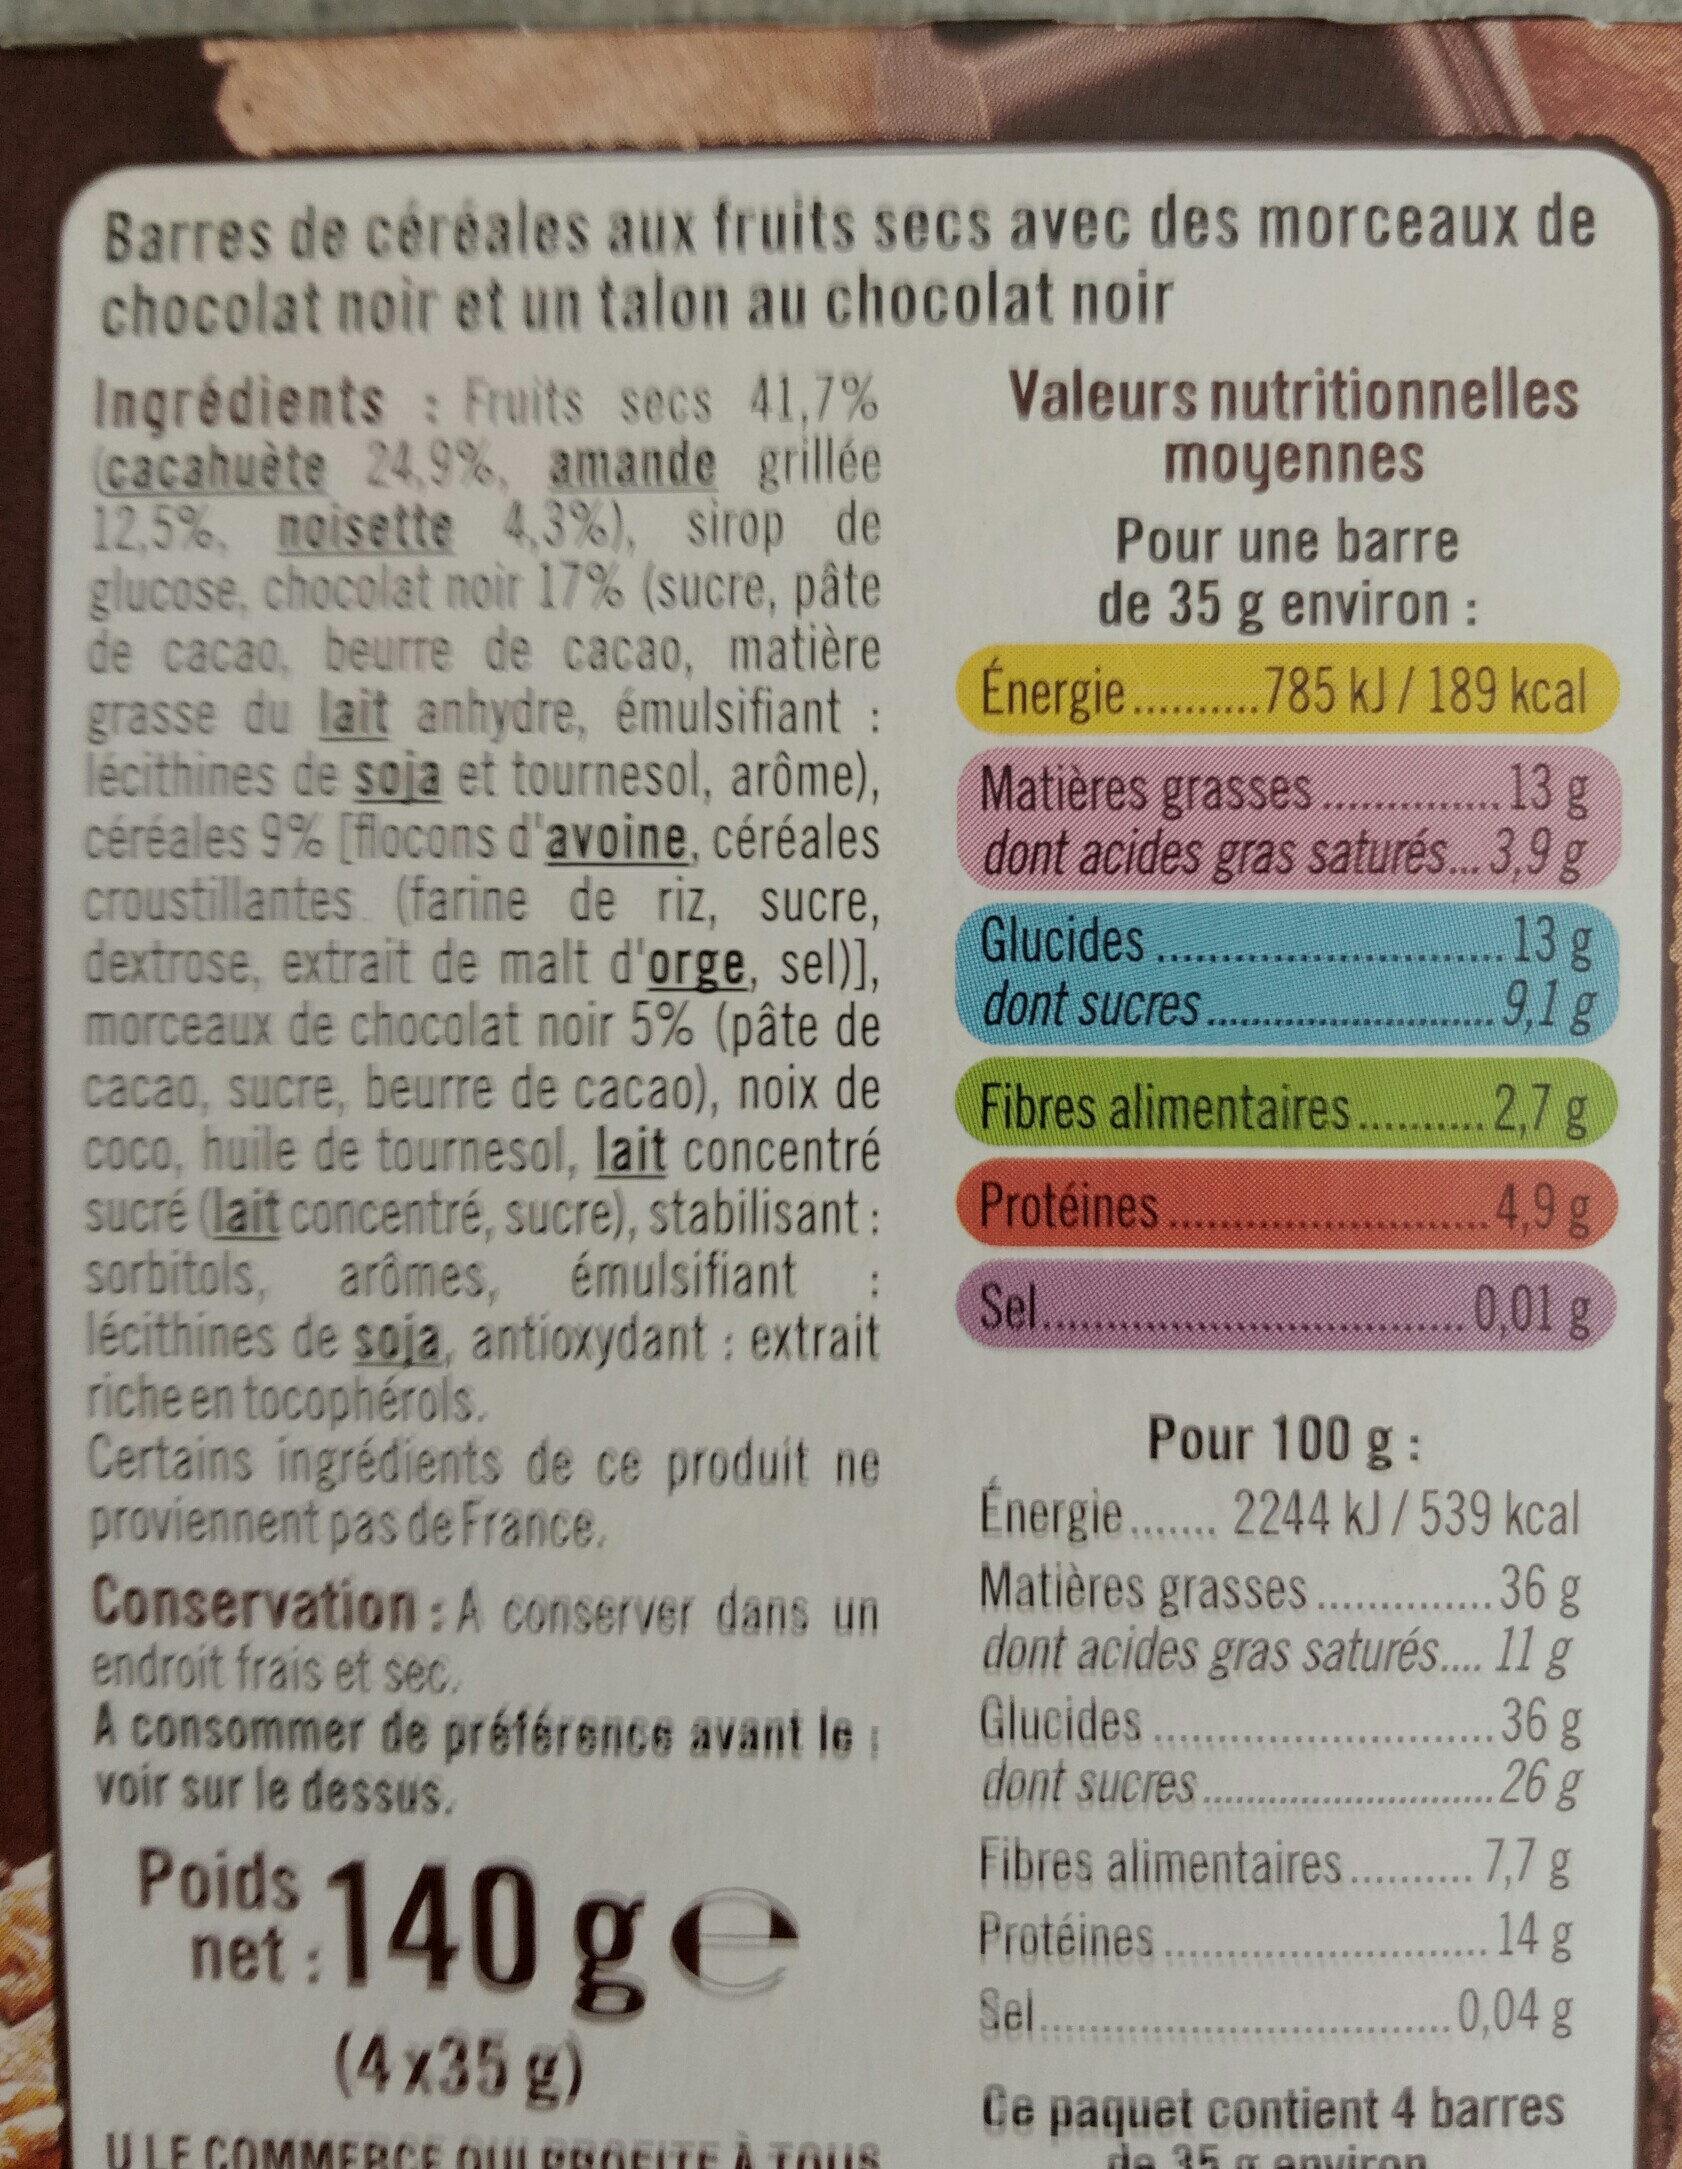 barred de céréales gourmandes cacahuètes chocolat amandes noisettes - Ingredients